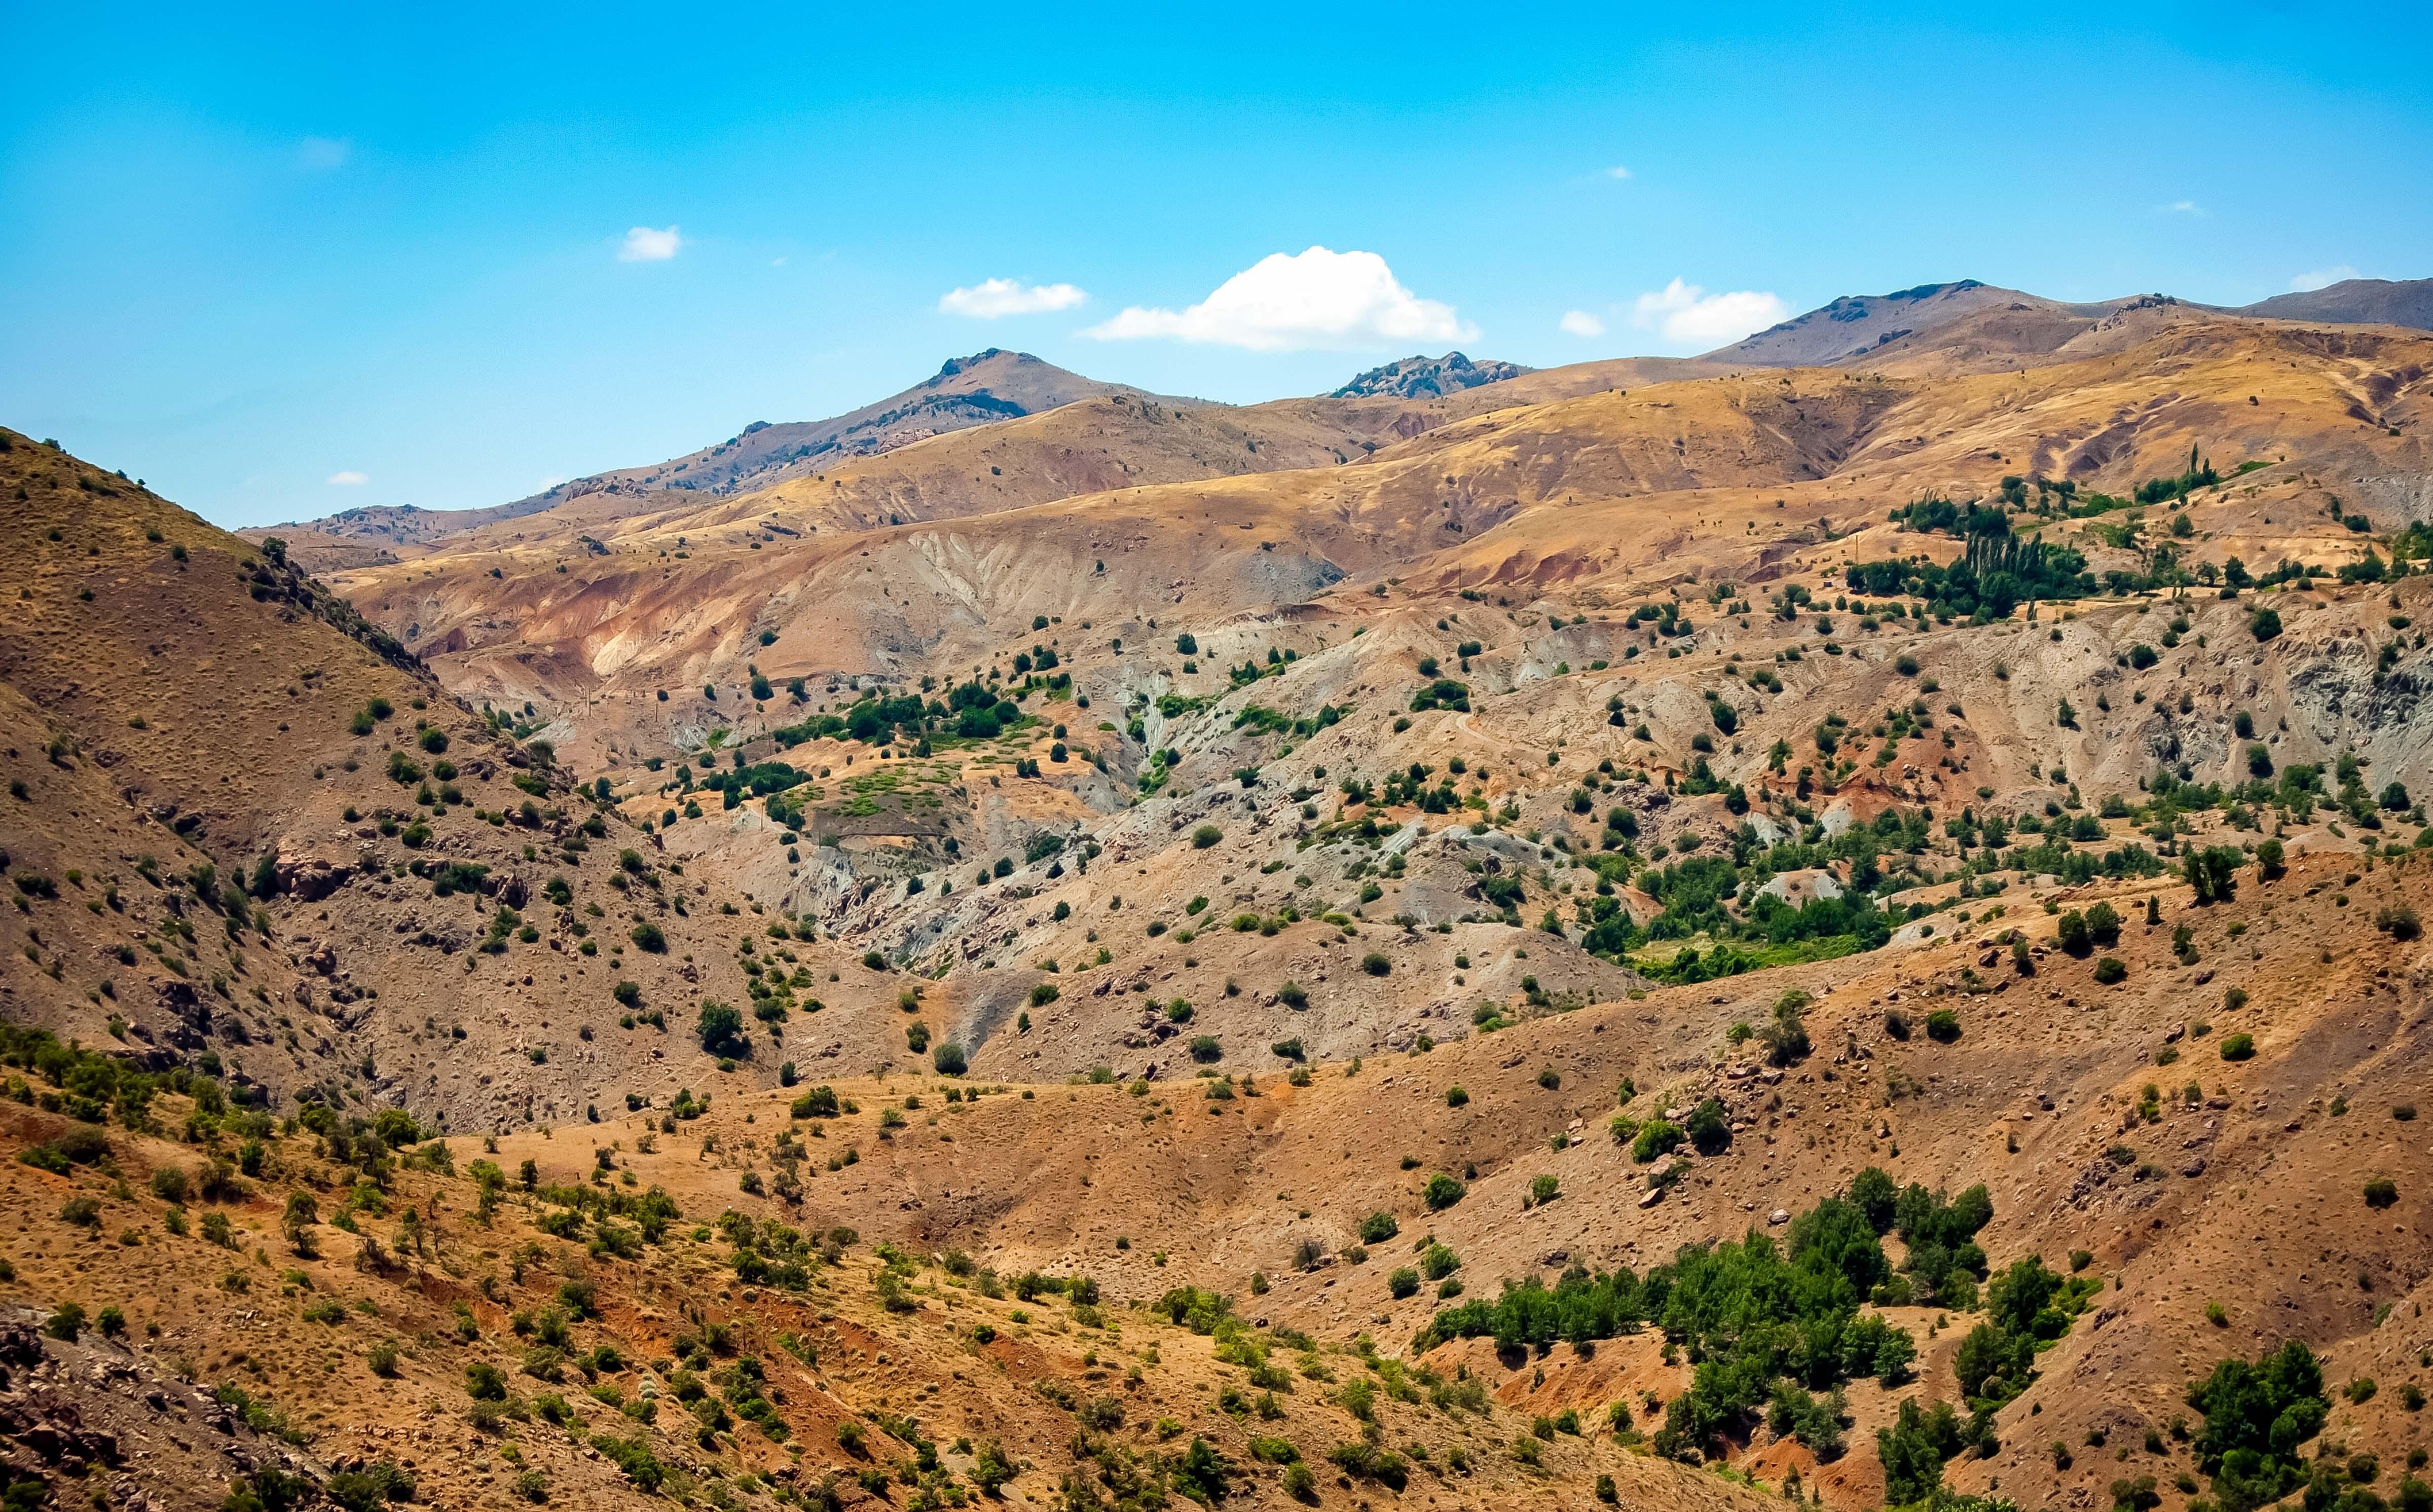 Turkey, Elazig Prov, Landscape, 2010, IMG 8746